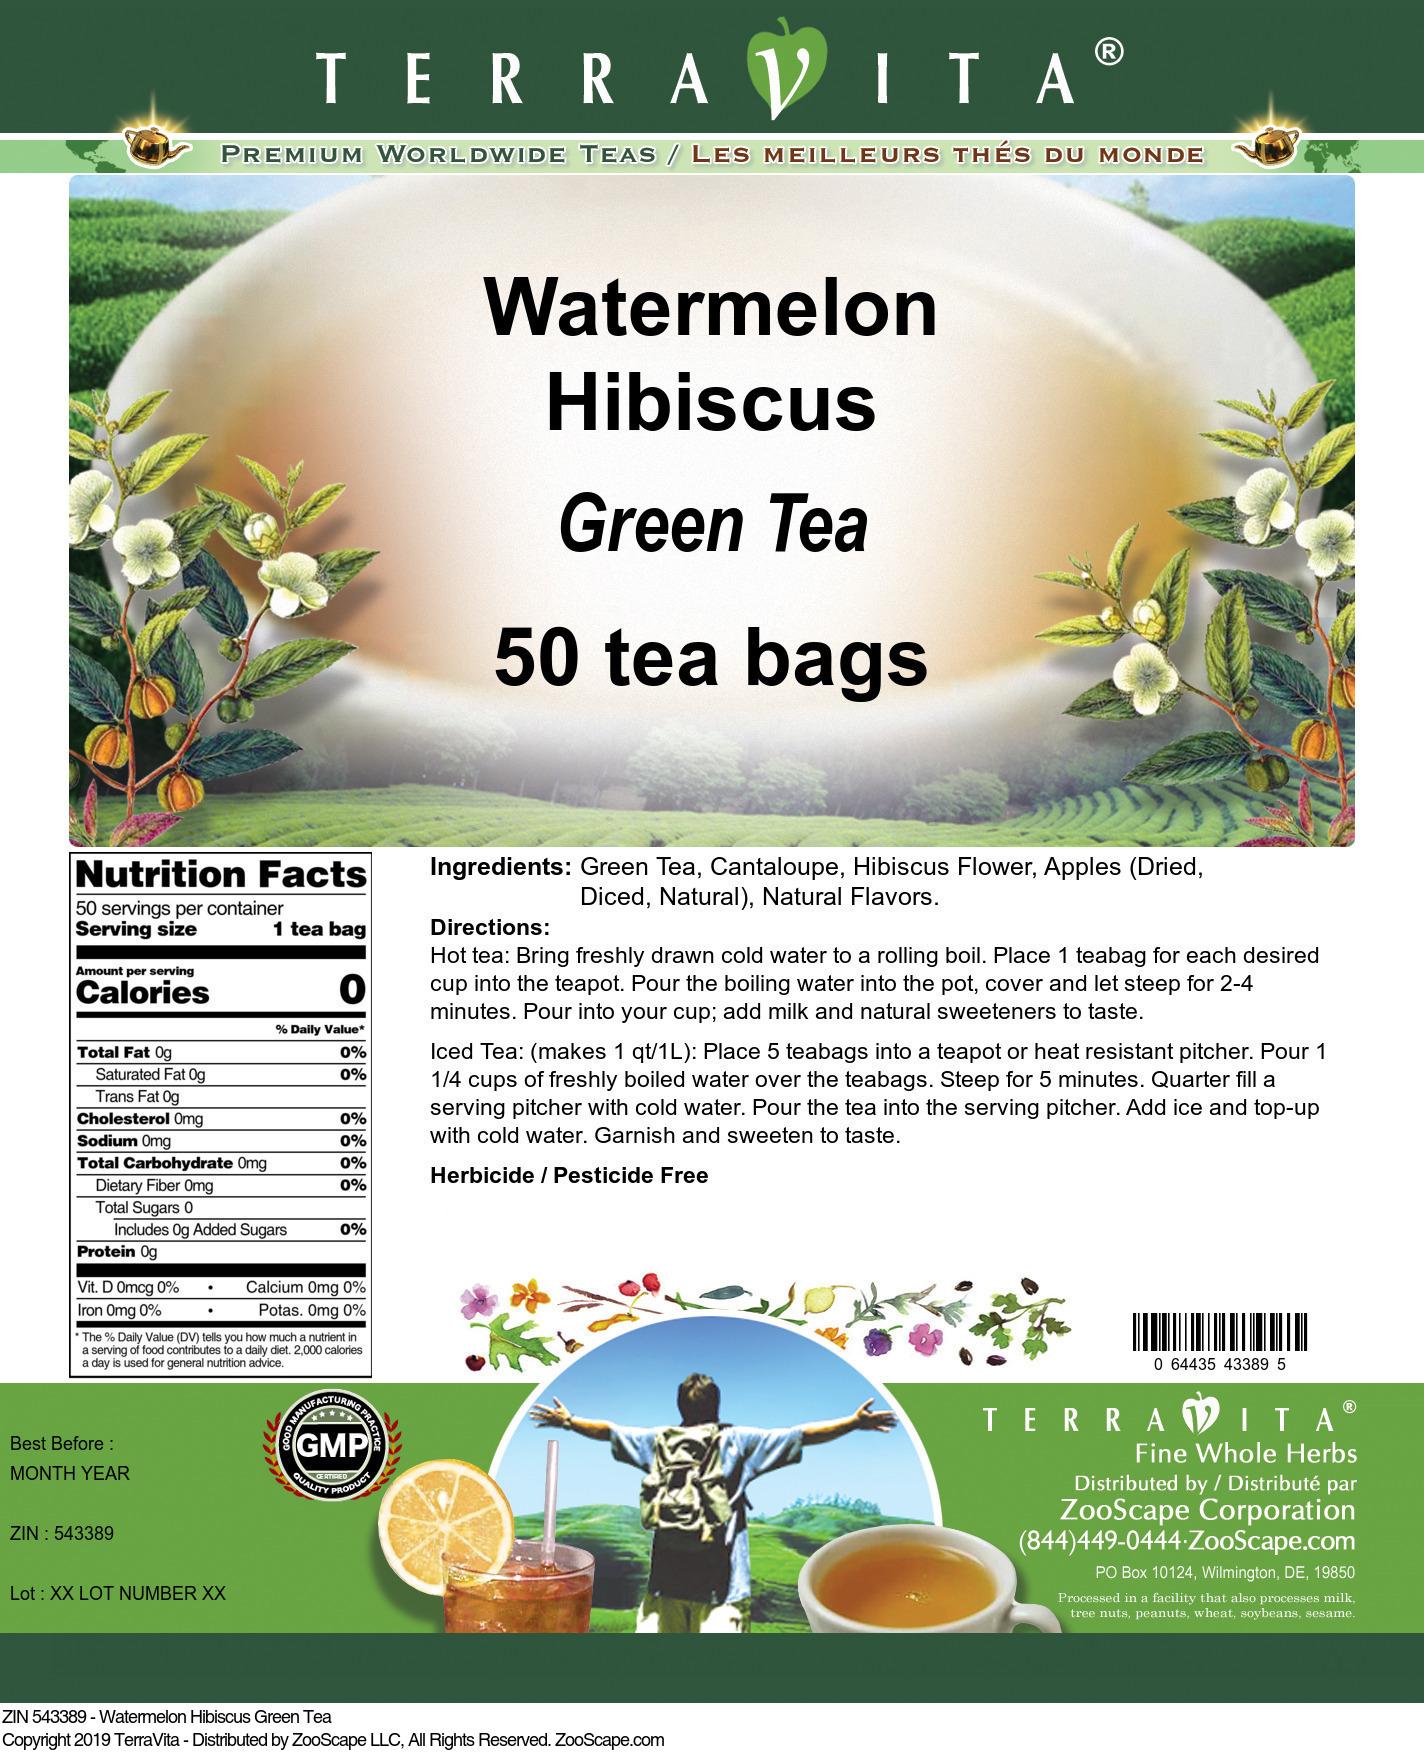 Watermelon Hibiscus Green Tea